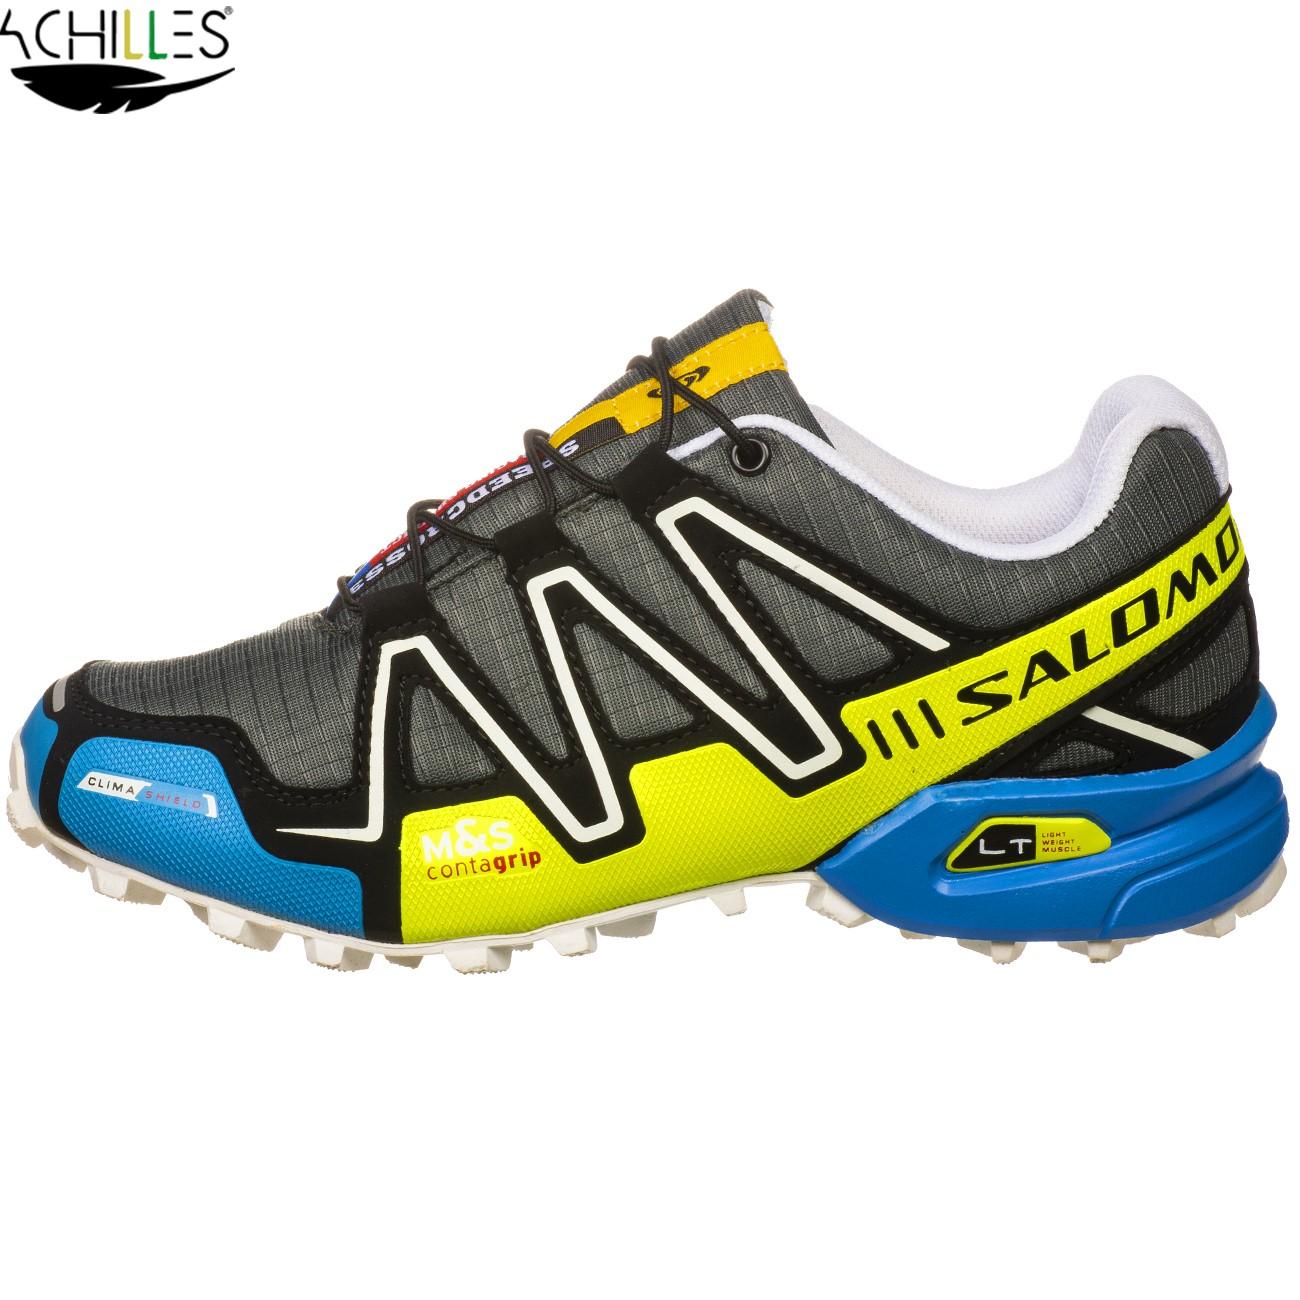 کفش پیادهروی دویدن کوهنوردی سالومون مدل اسپیدکراس